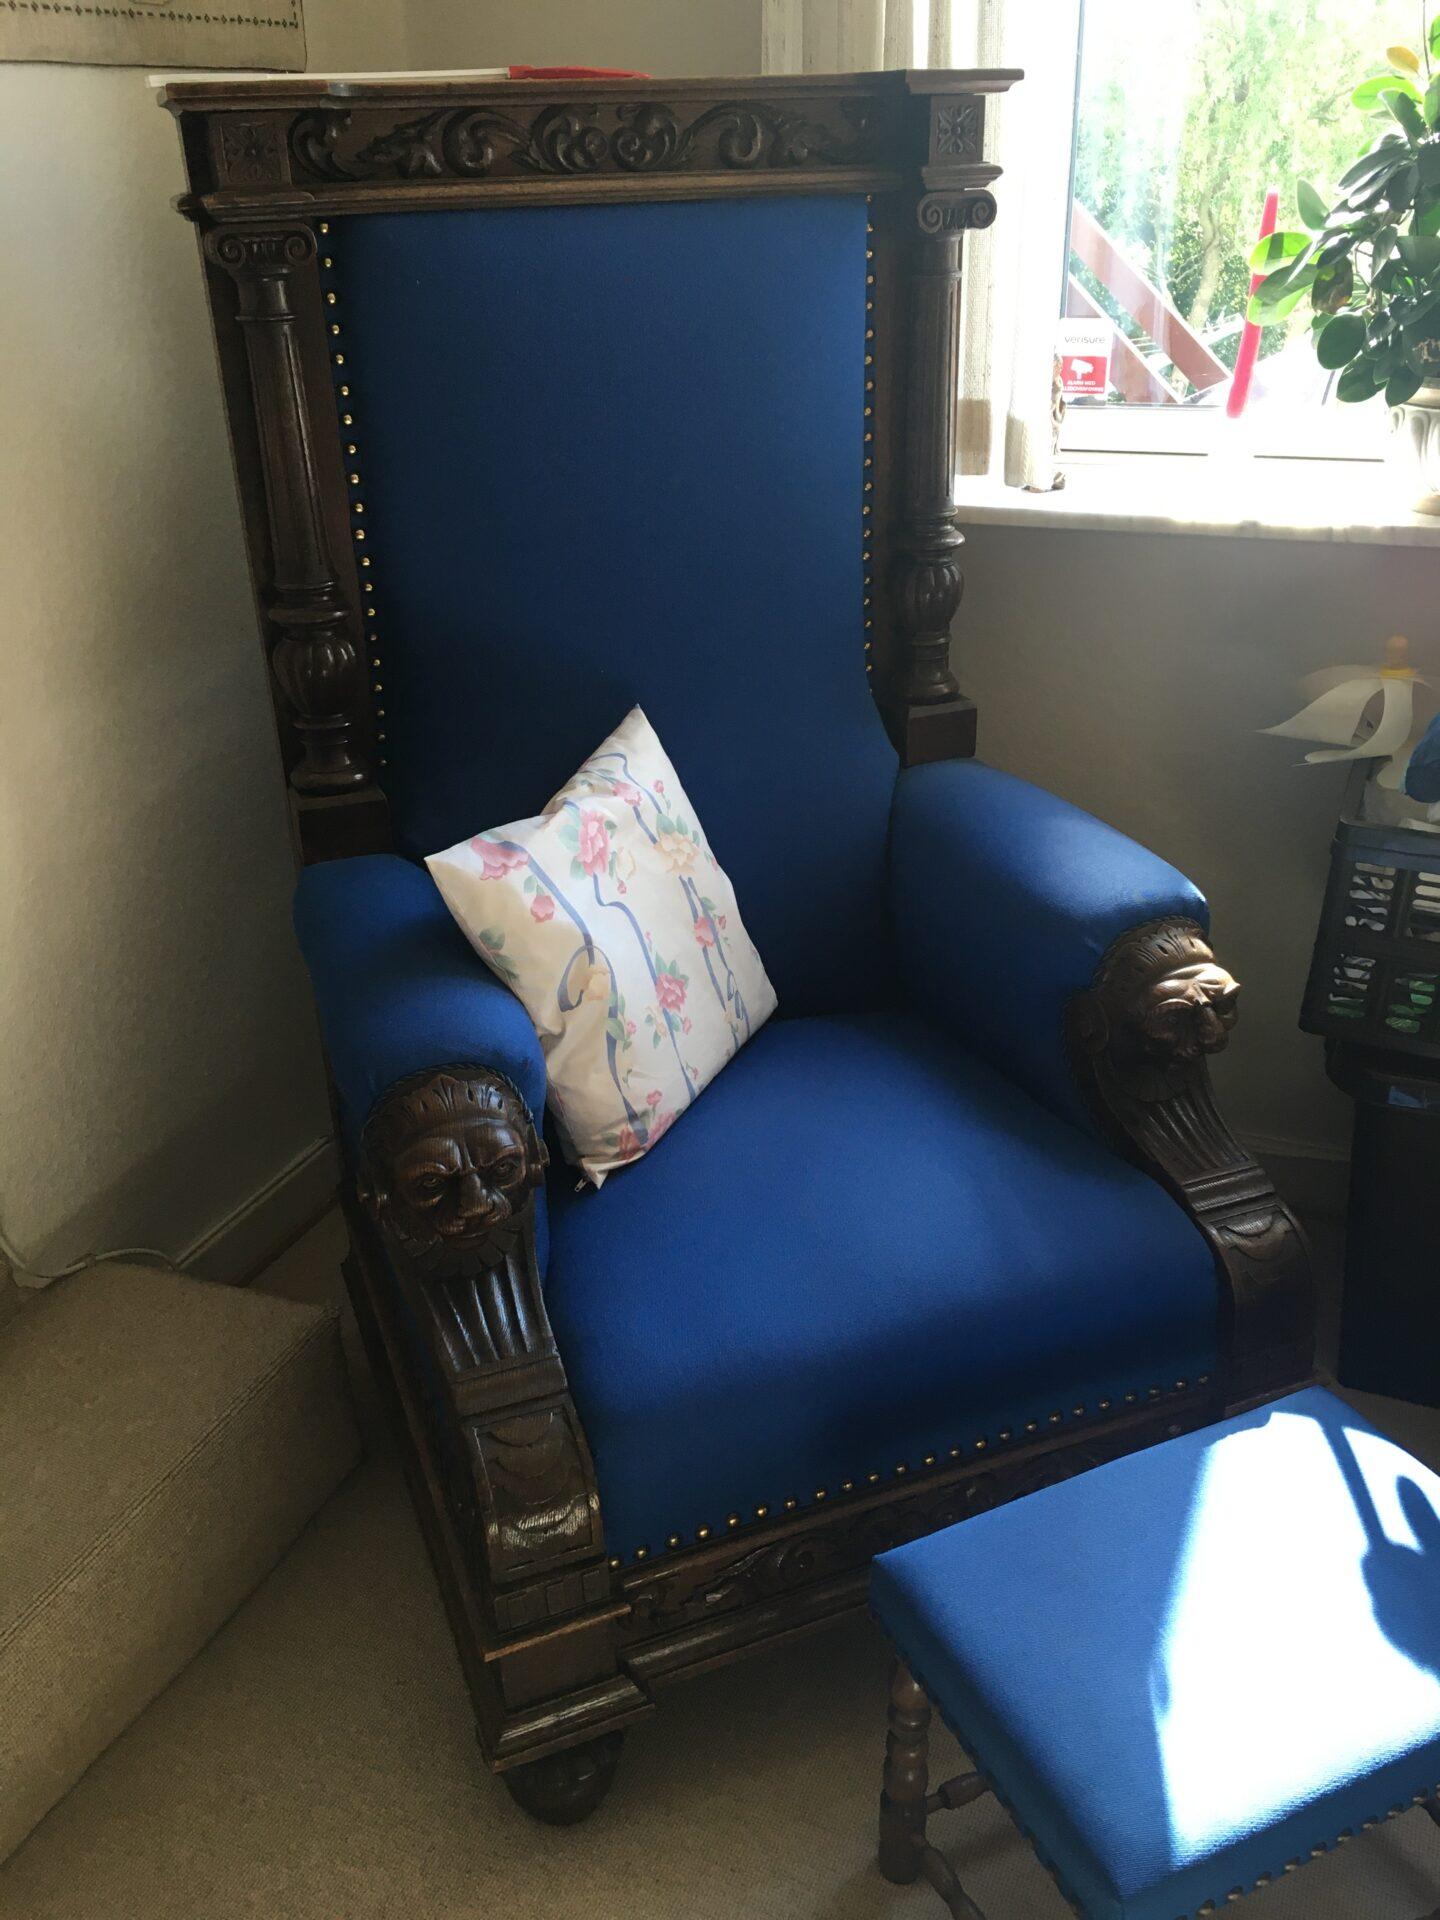 Renæssance herreværelse: Sofa + 2 lænestoel + bord + reol + mm